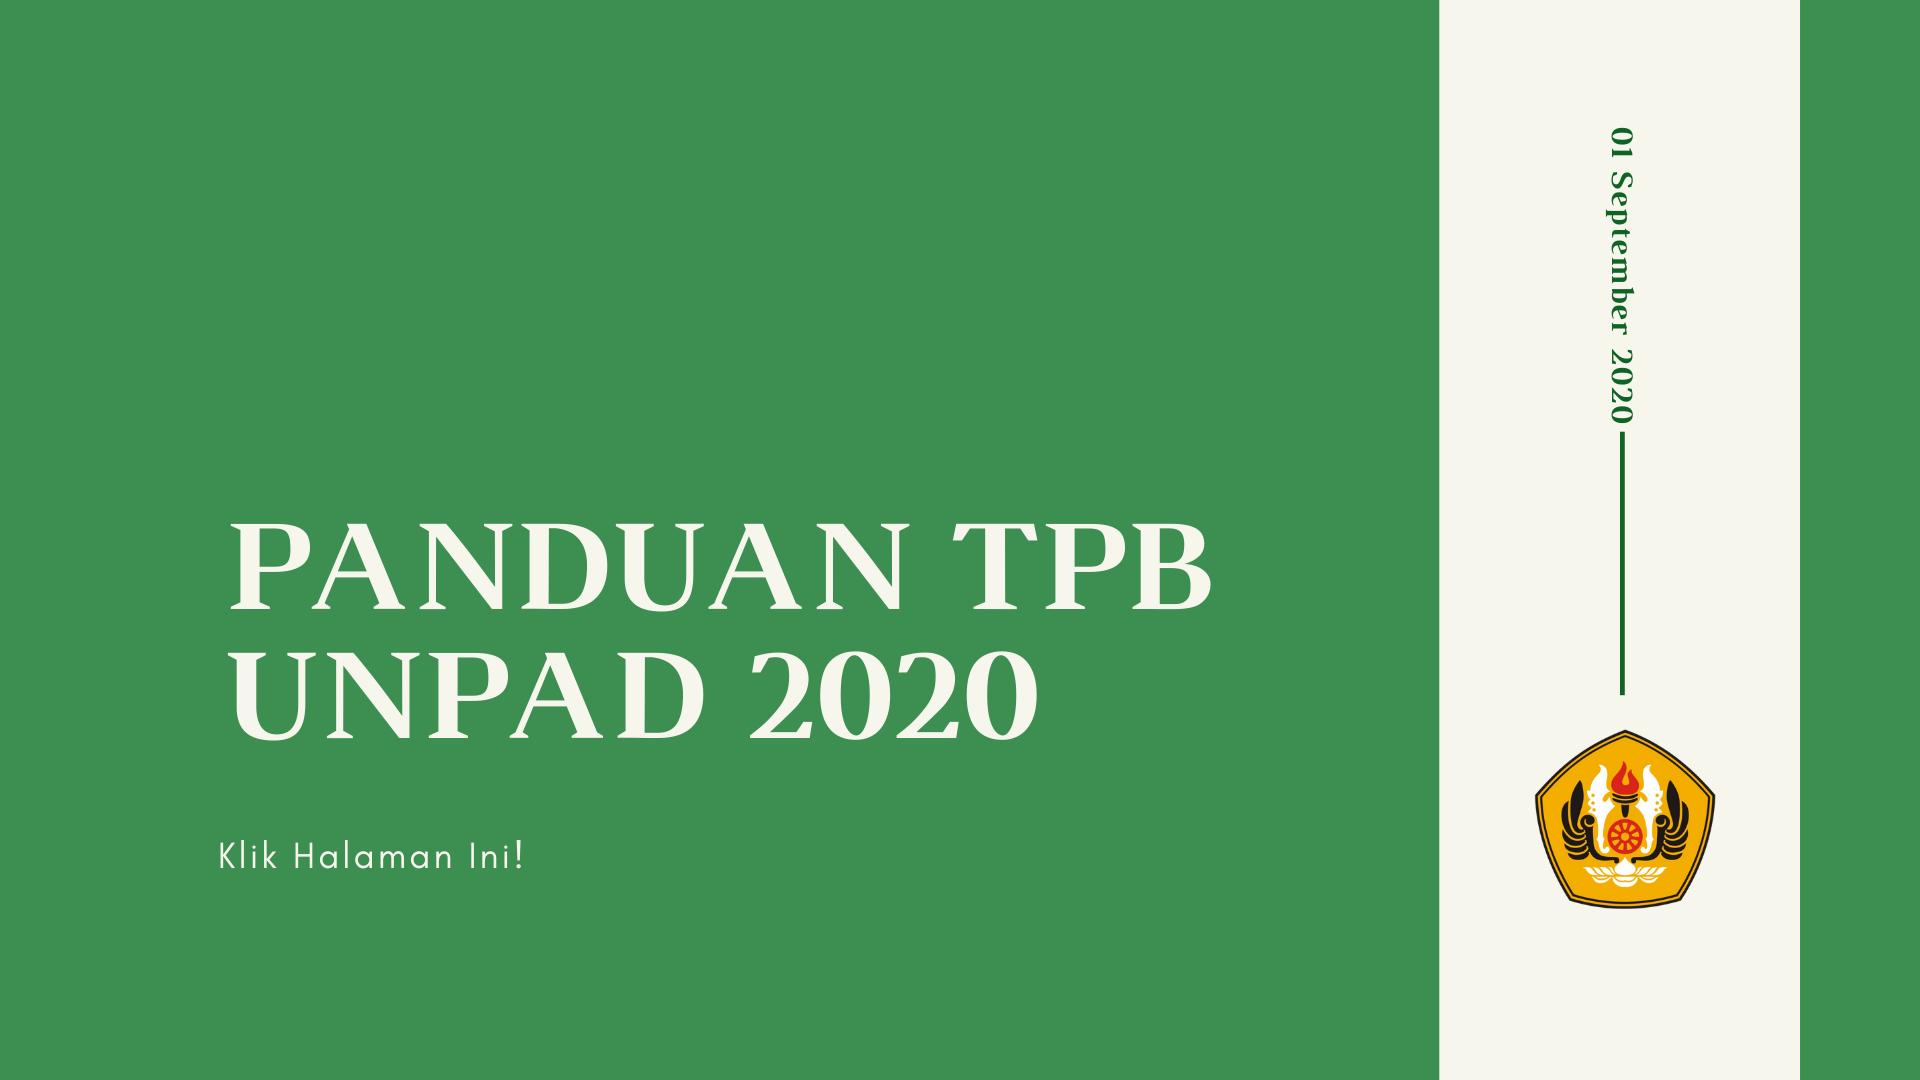 Panduan TPB Unpad 2020